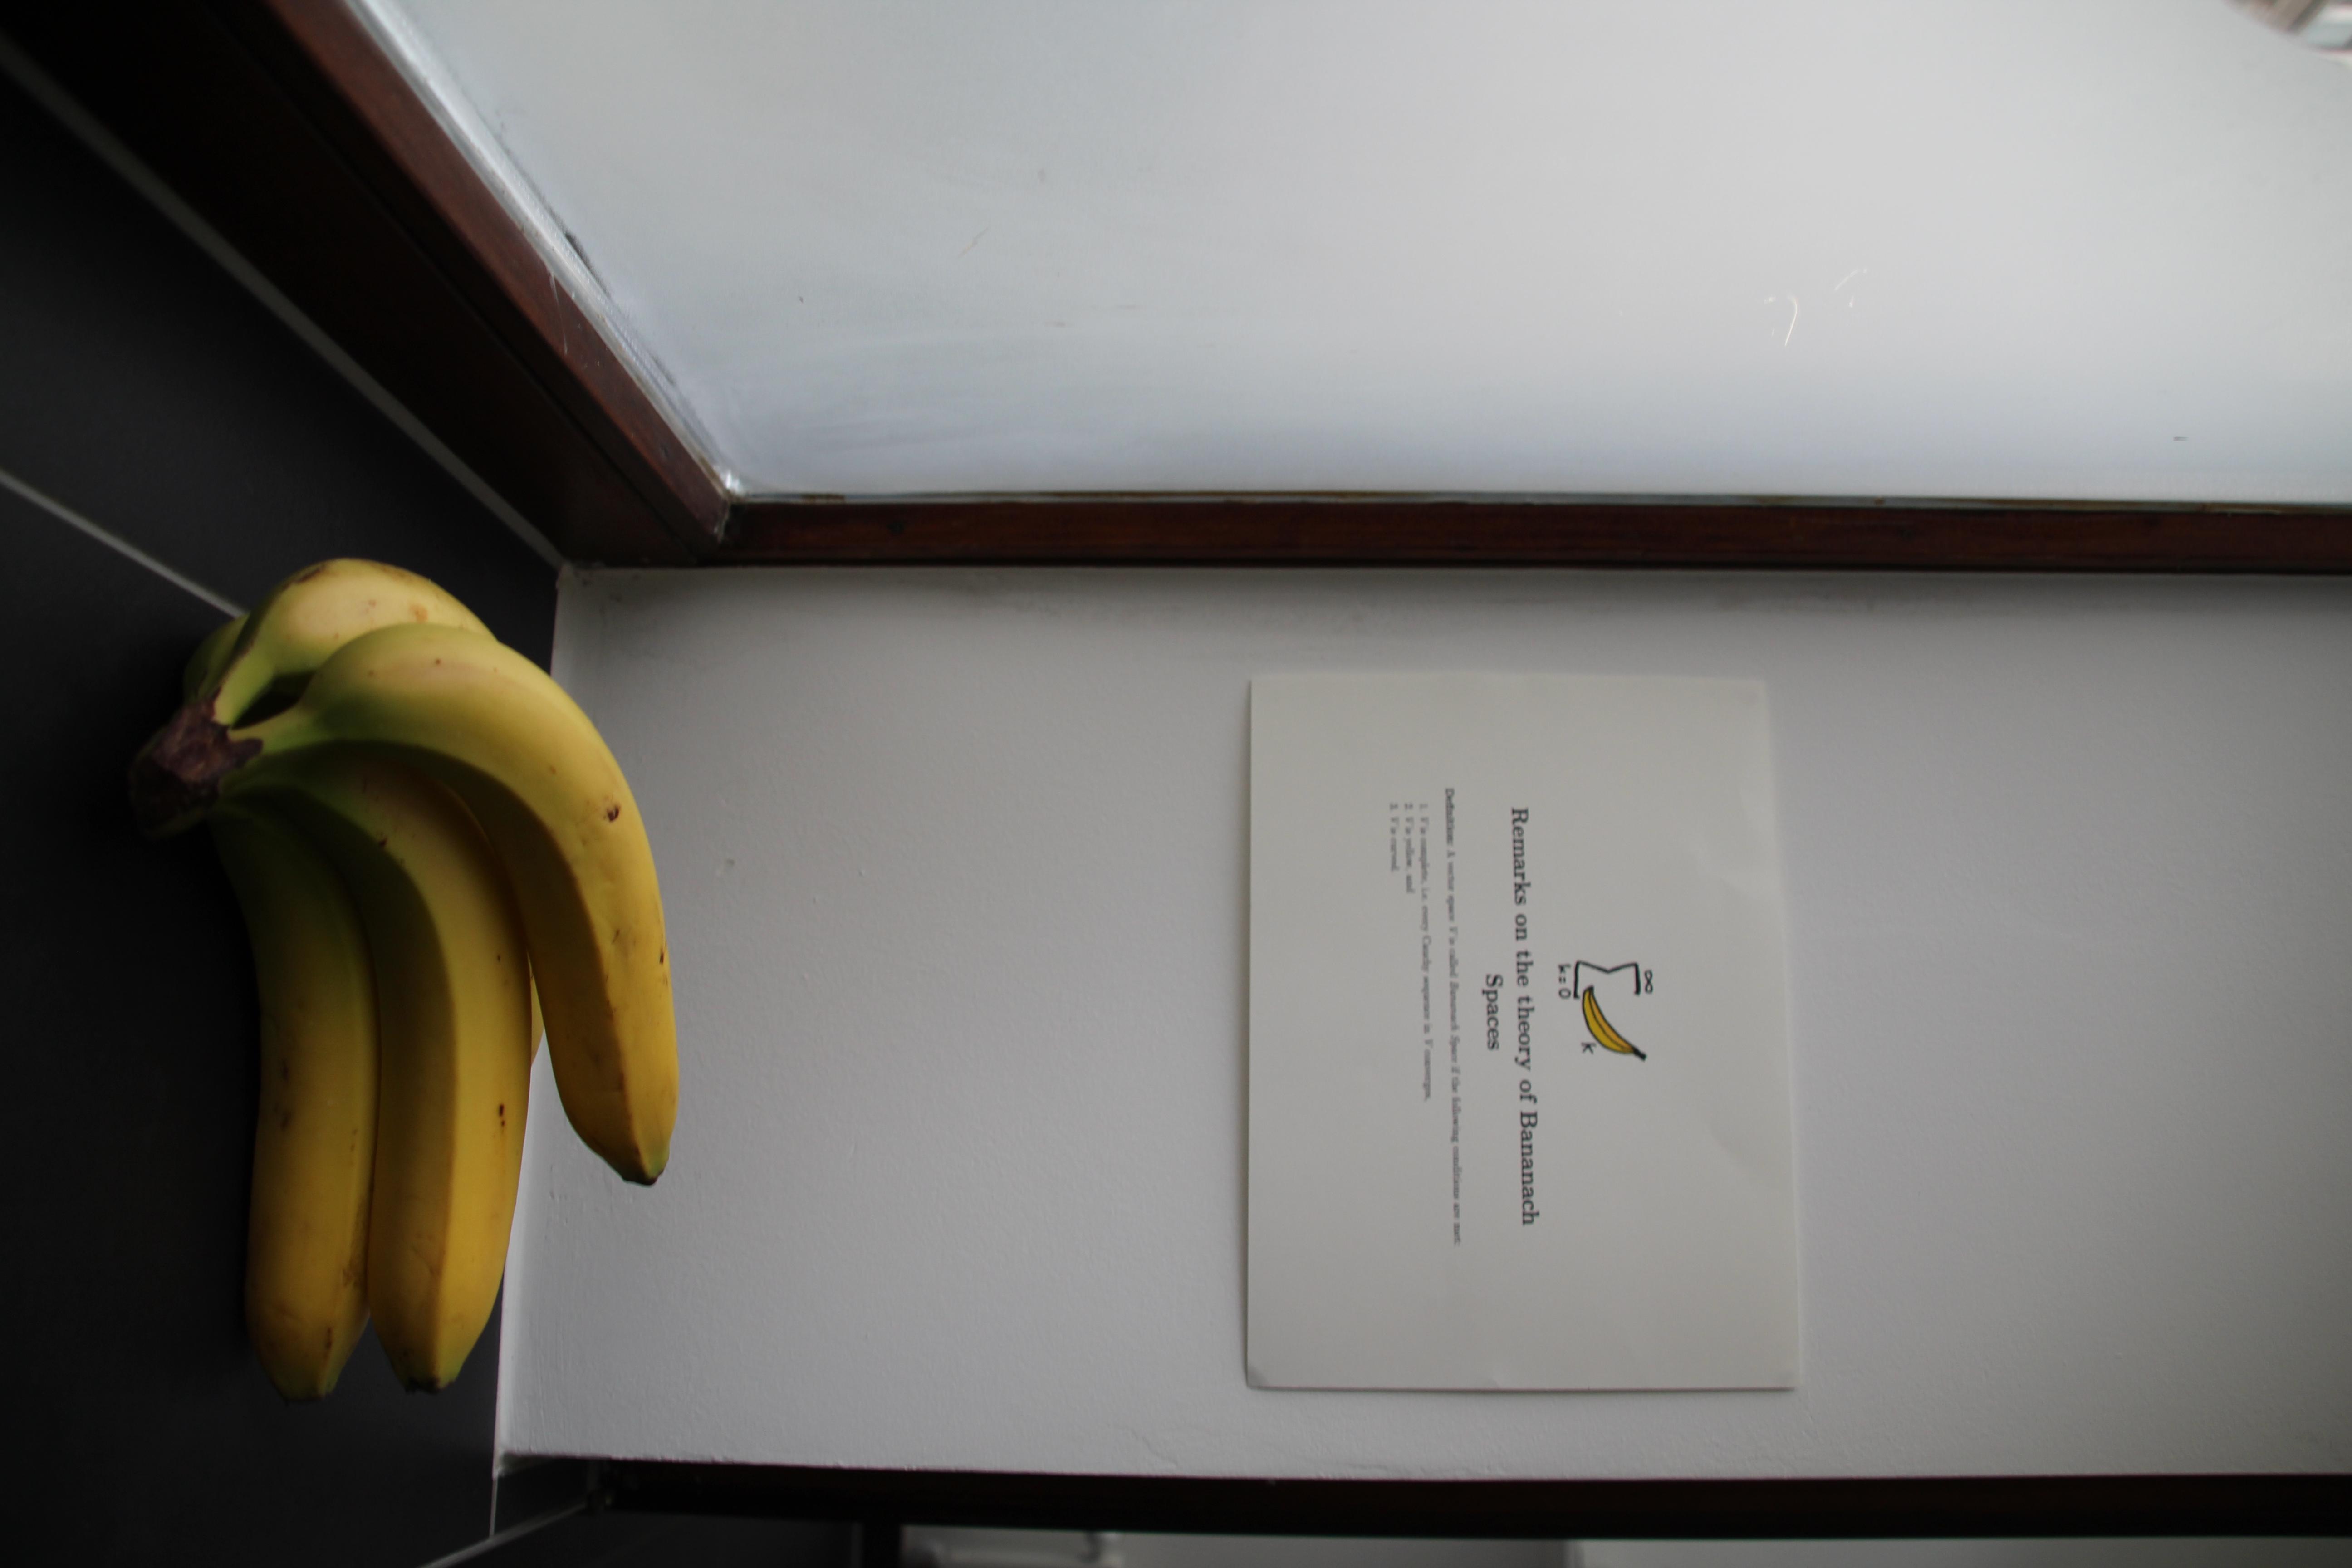 Bananach Space